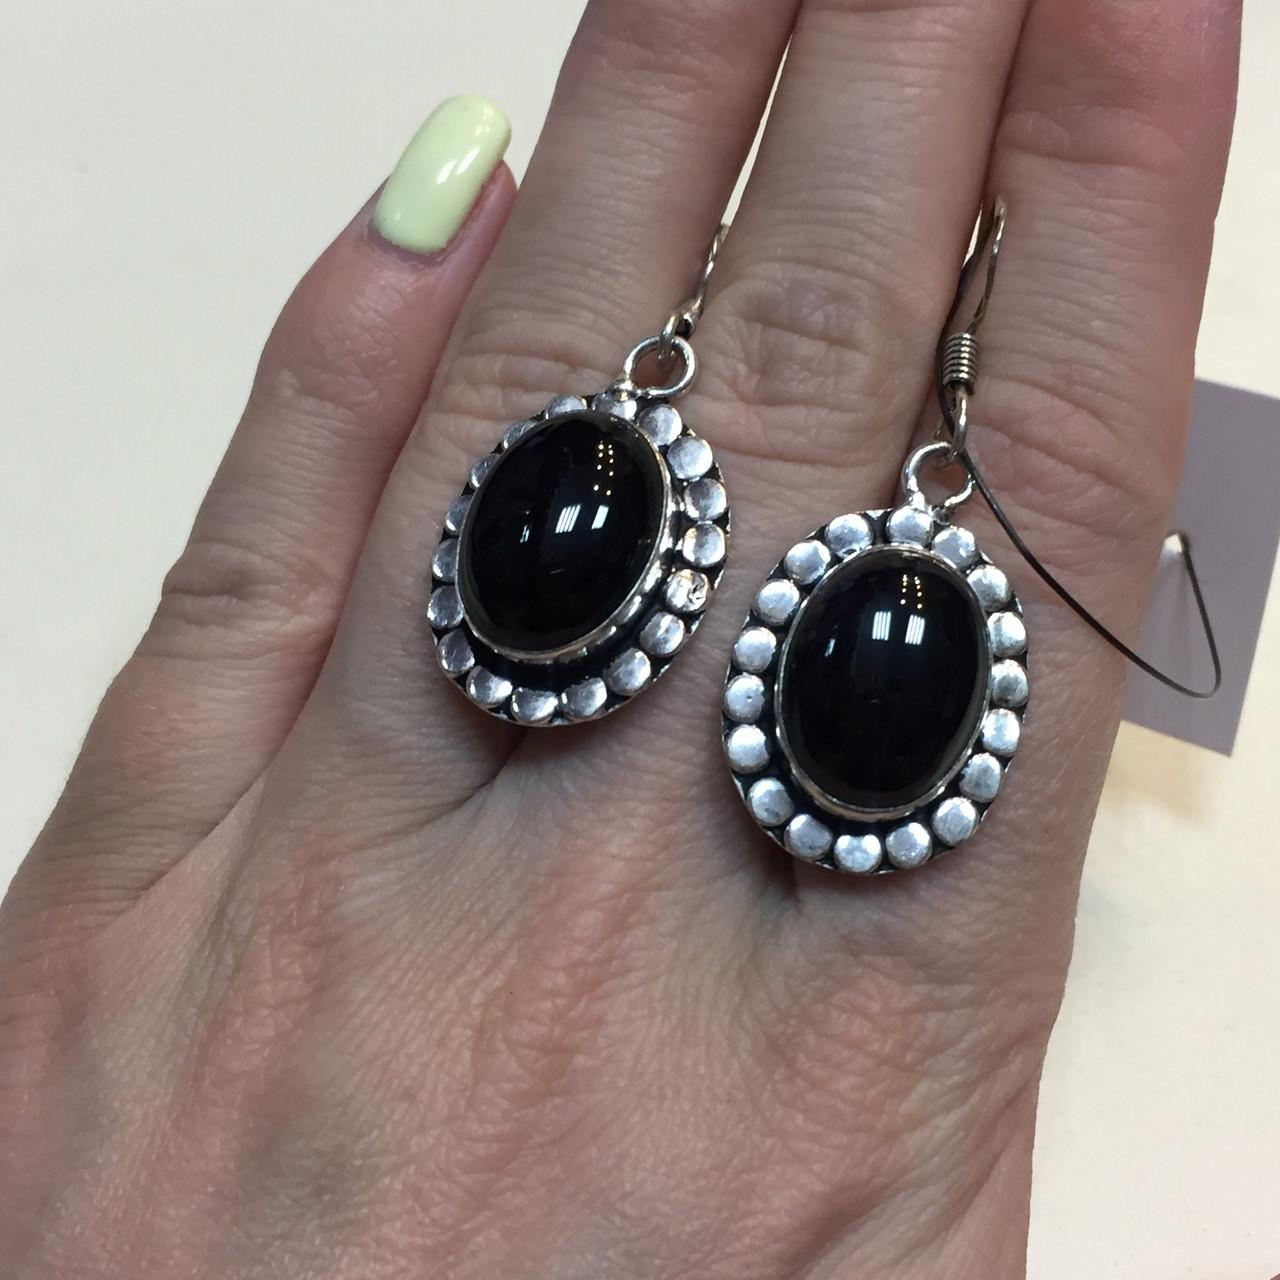 Черный оникс серьги с ониксом. Красивые серьги с камнем черный оникс в серебре Индия